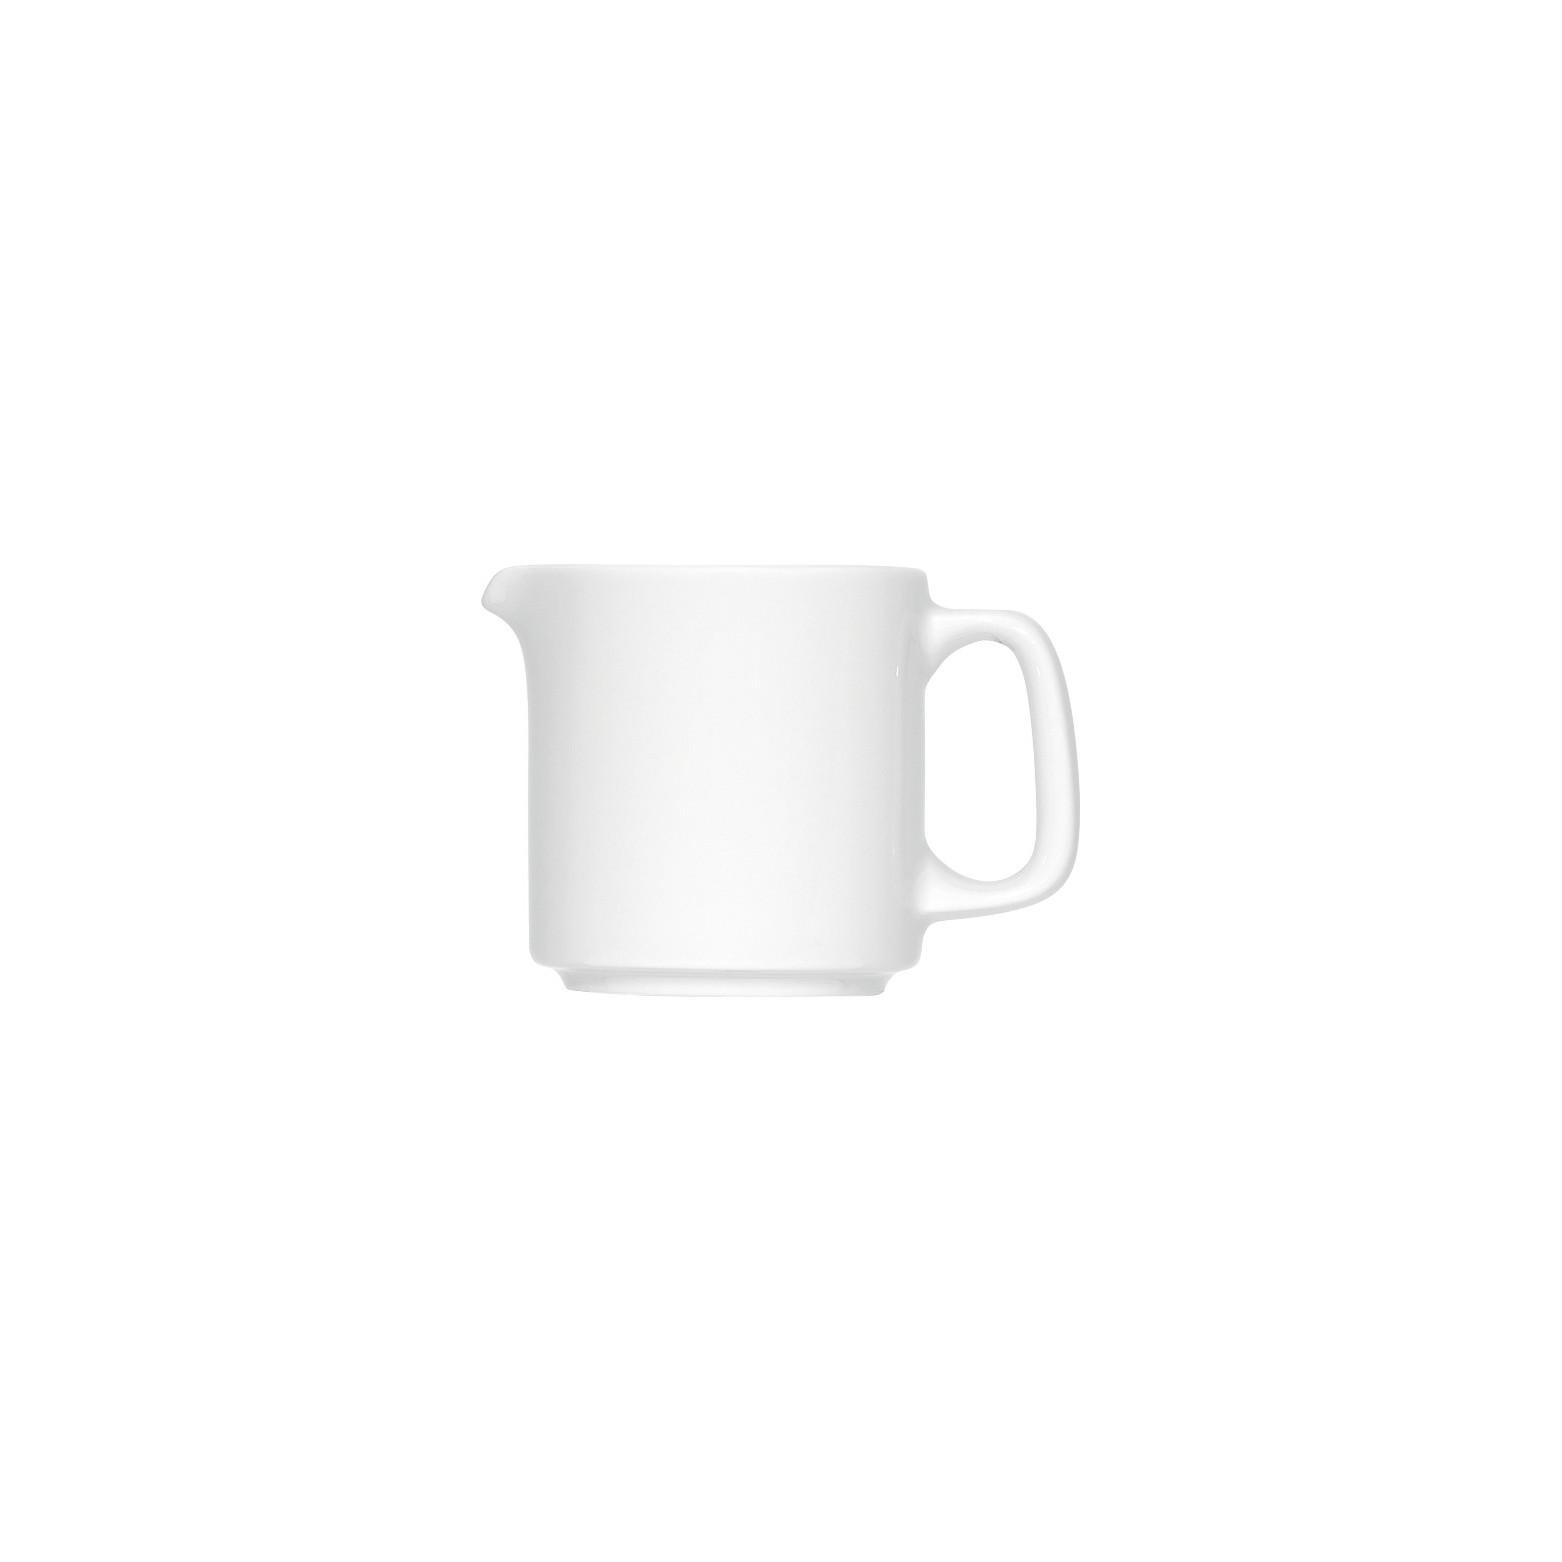 B1100, Milchgießer mit Henkel ø 101 mm / 0,13 l